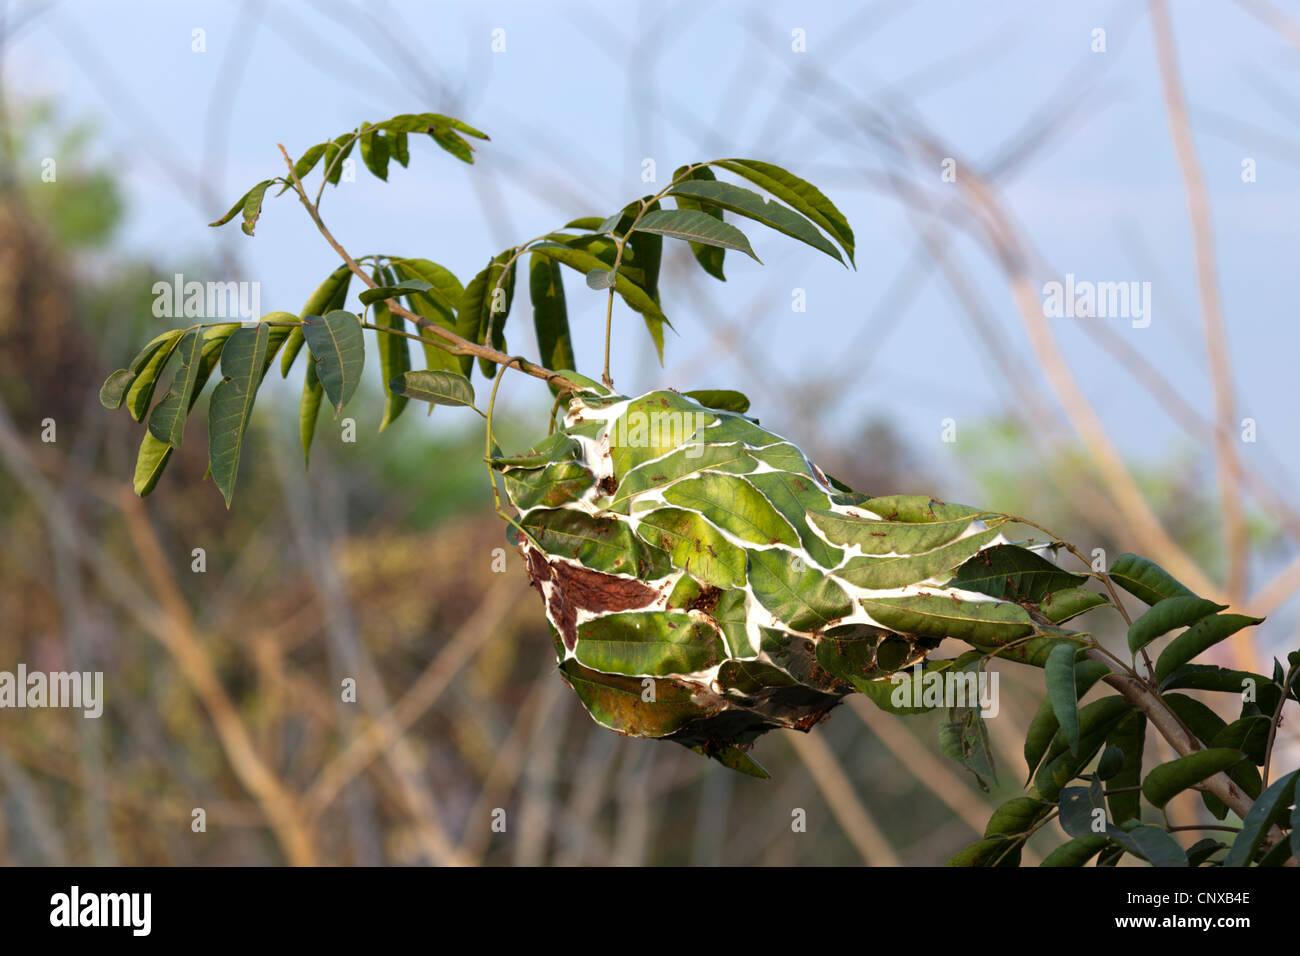 Aerial nest of red Asian weaver Ants (Oecophylla Smaragdina). Nid aérien de fourmis tisserandes rouges d'Asie - Stock Image